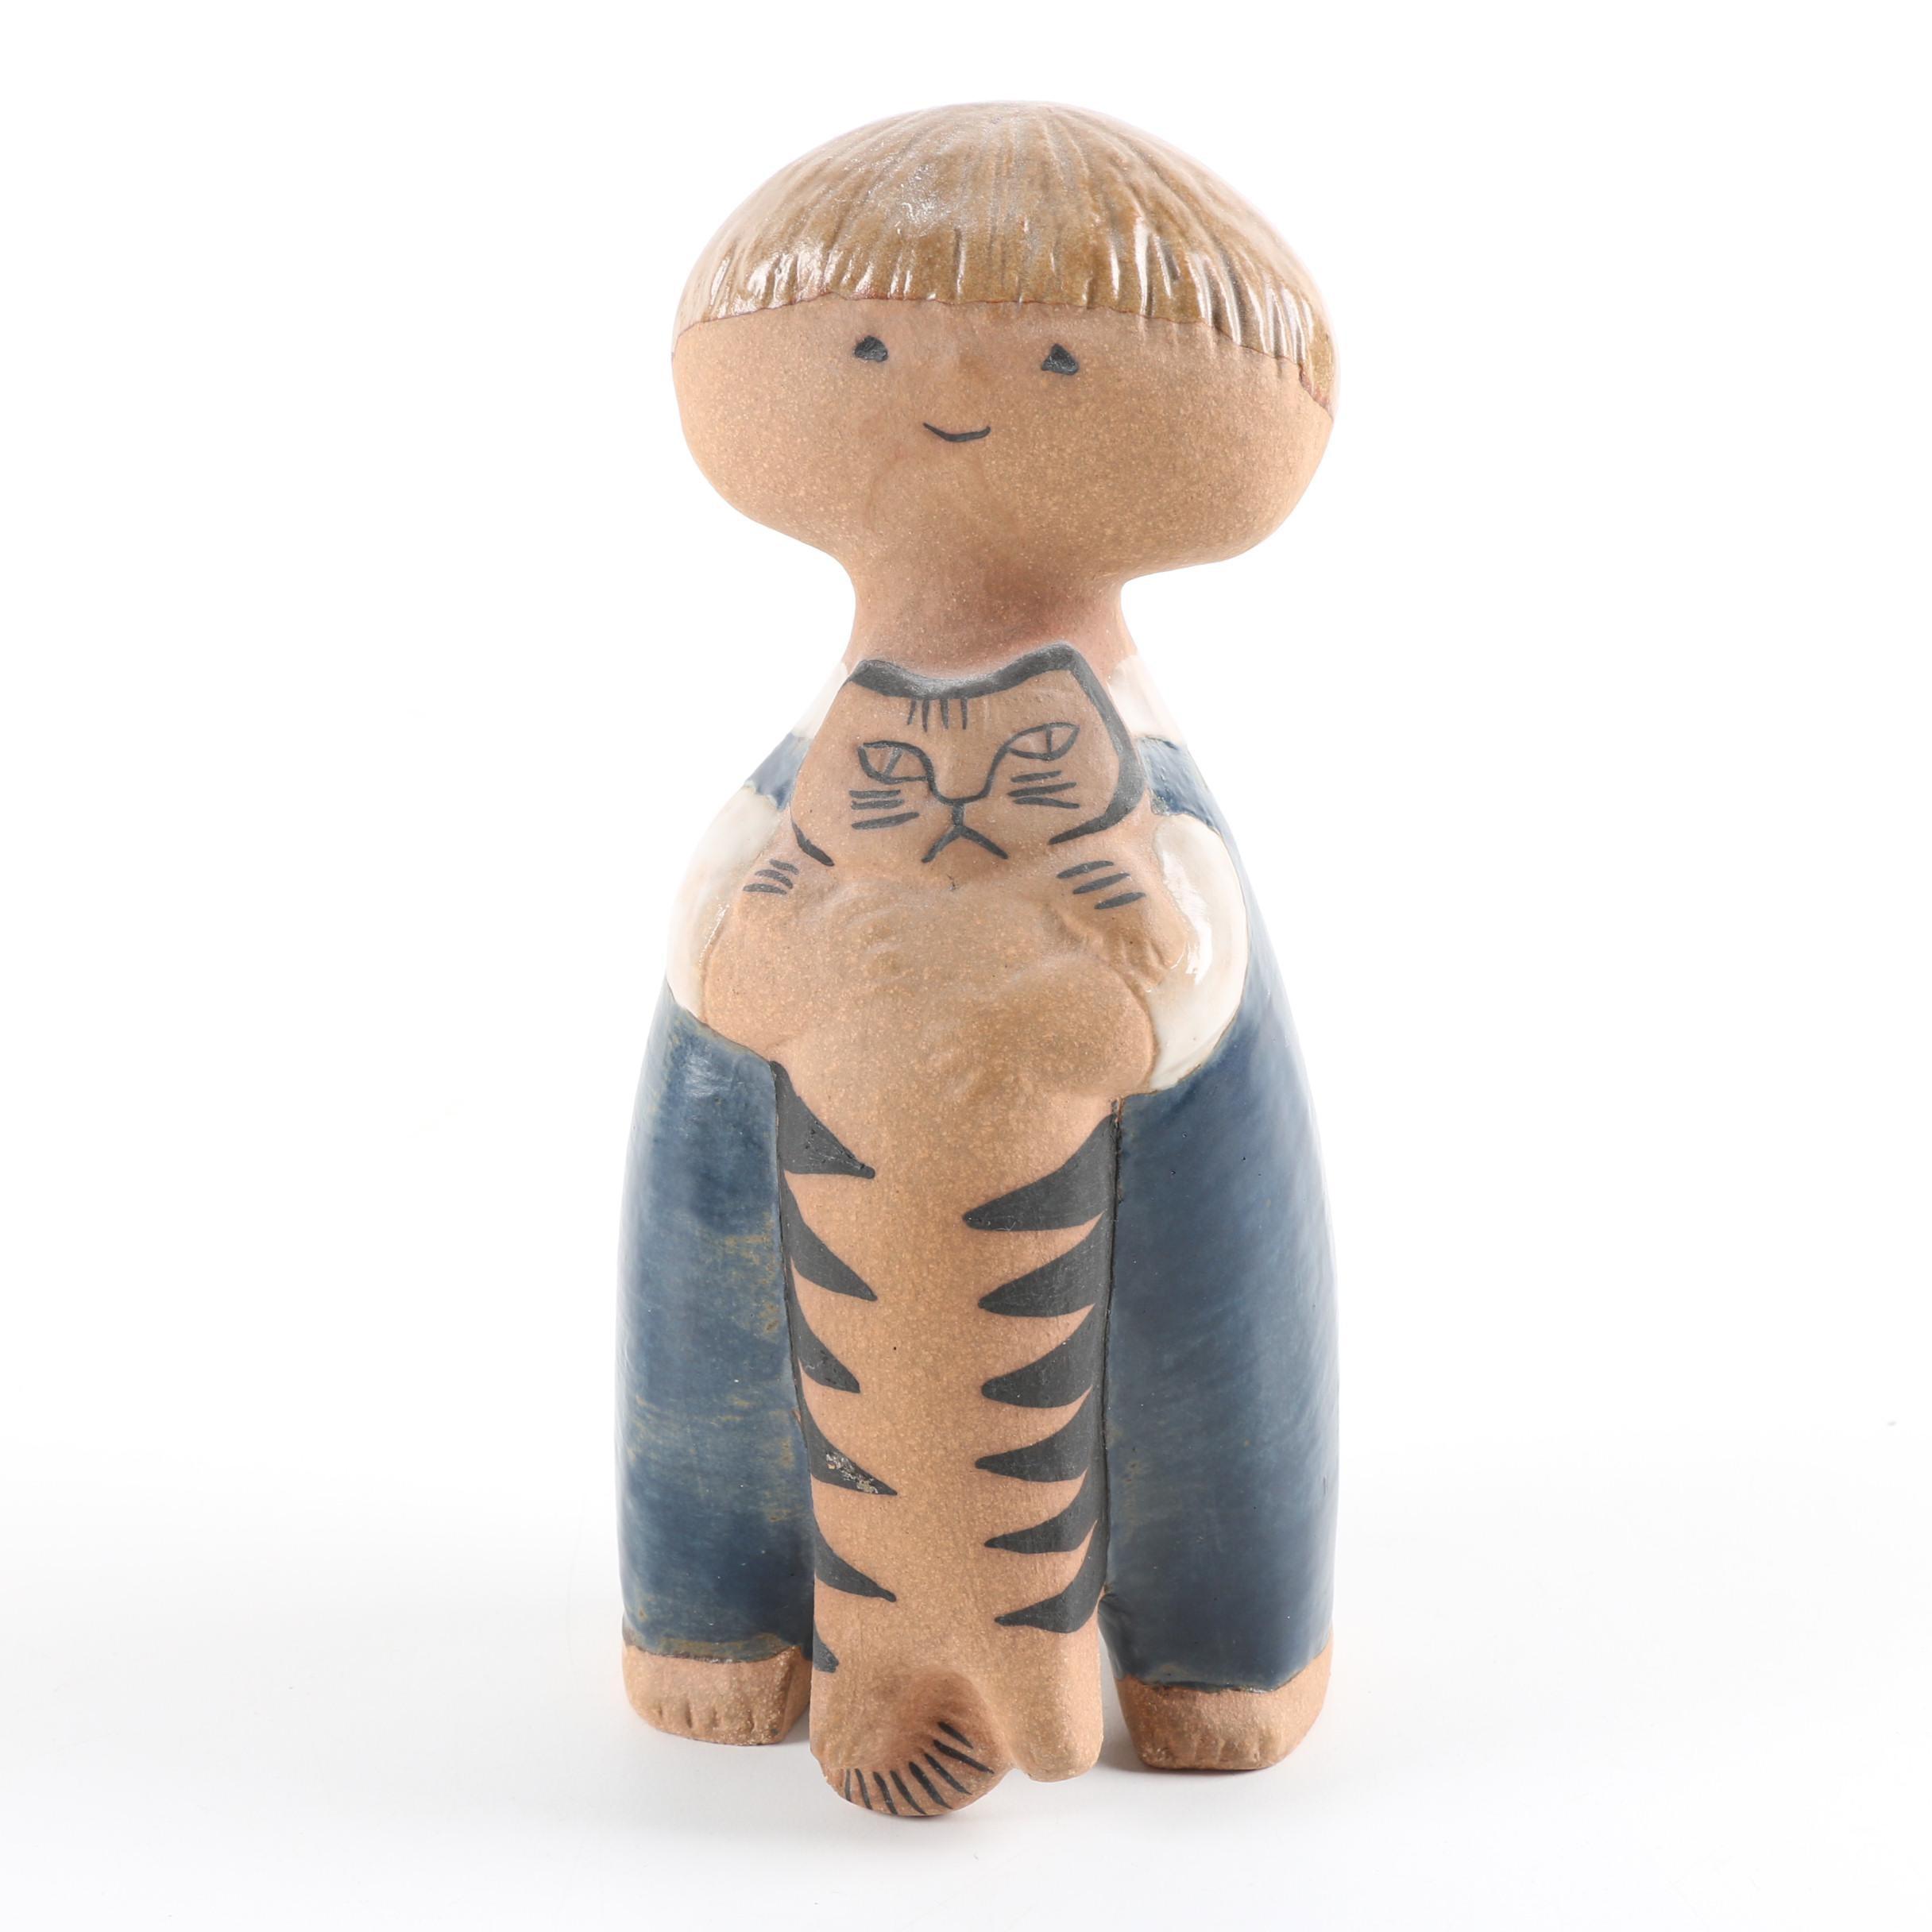 """Gustavsberg Ceramic Figurine """"Pelle""""by Lisa Larson"""